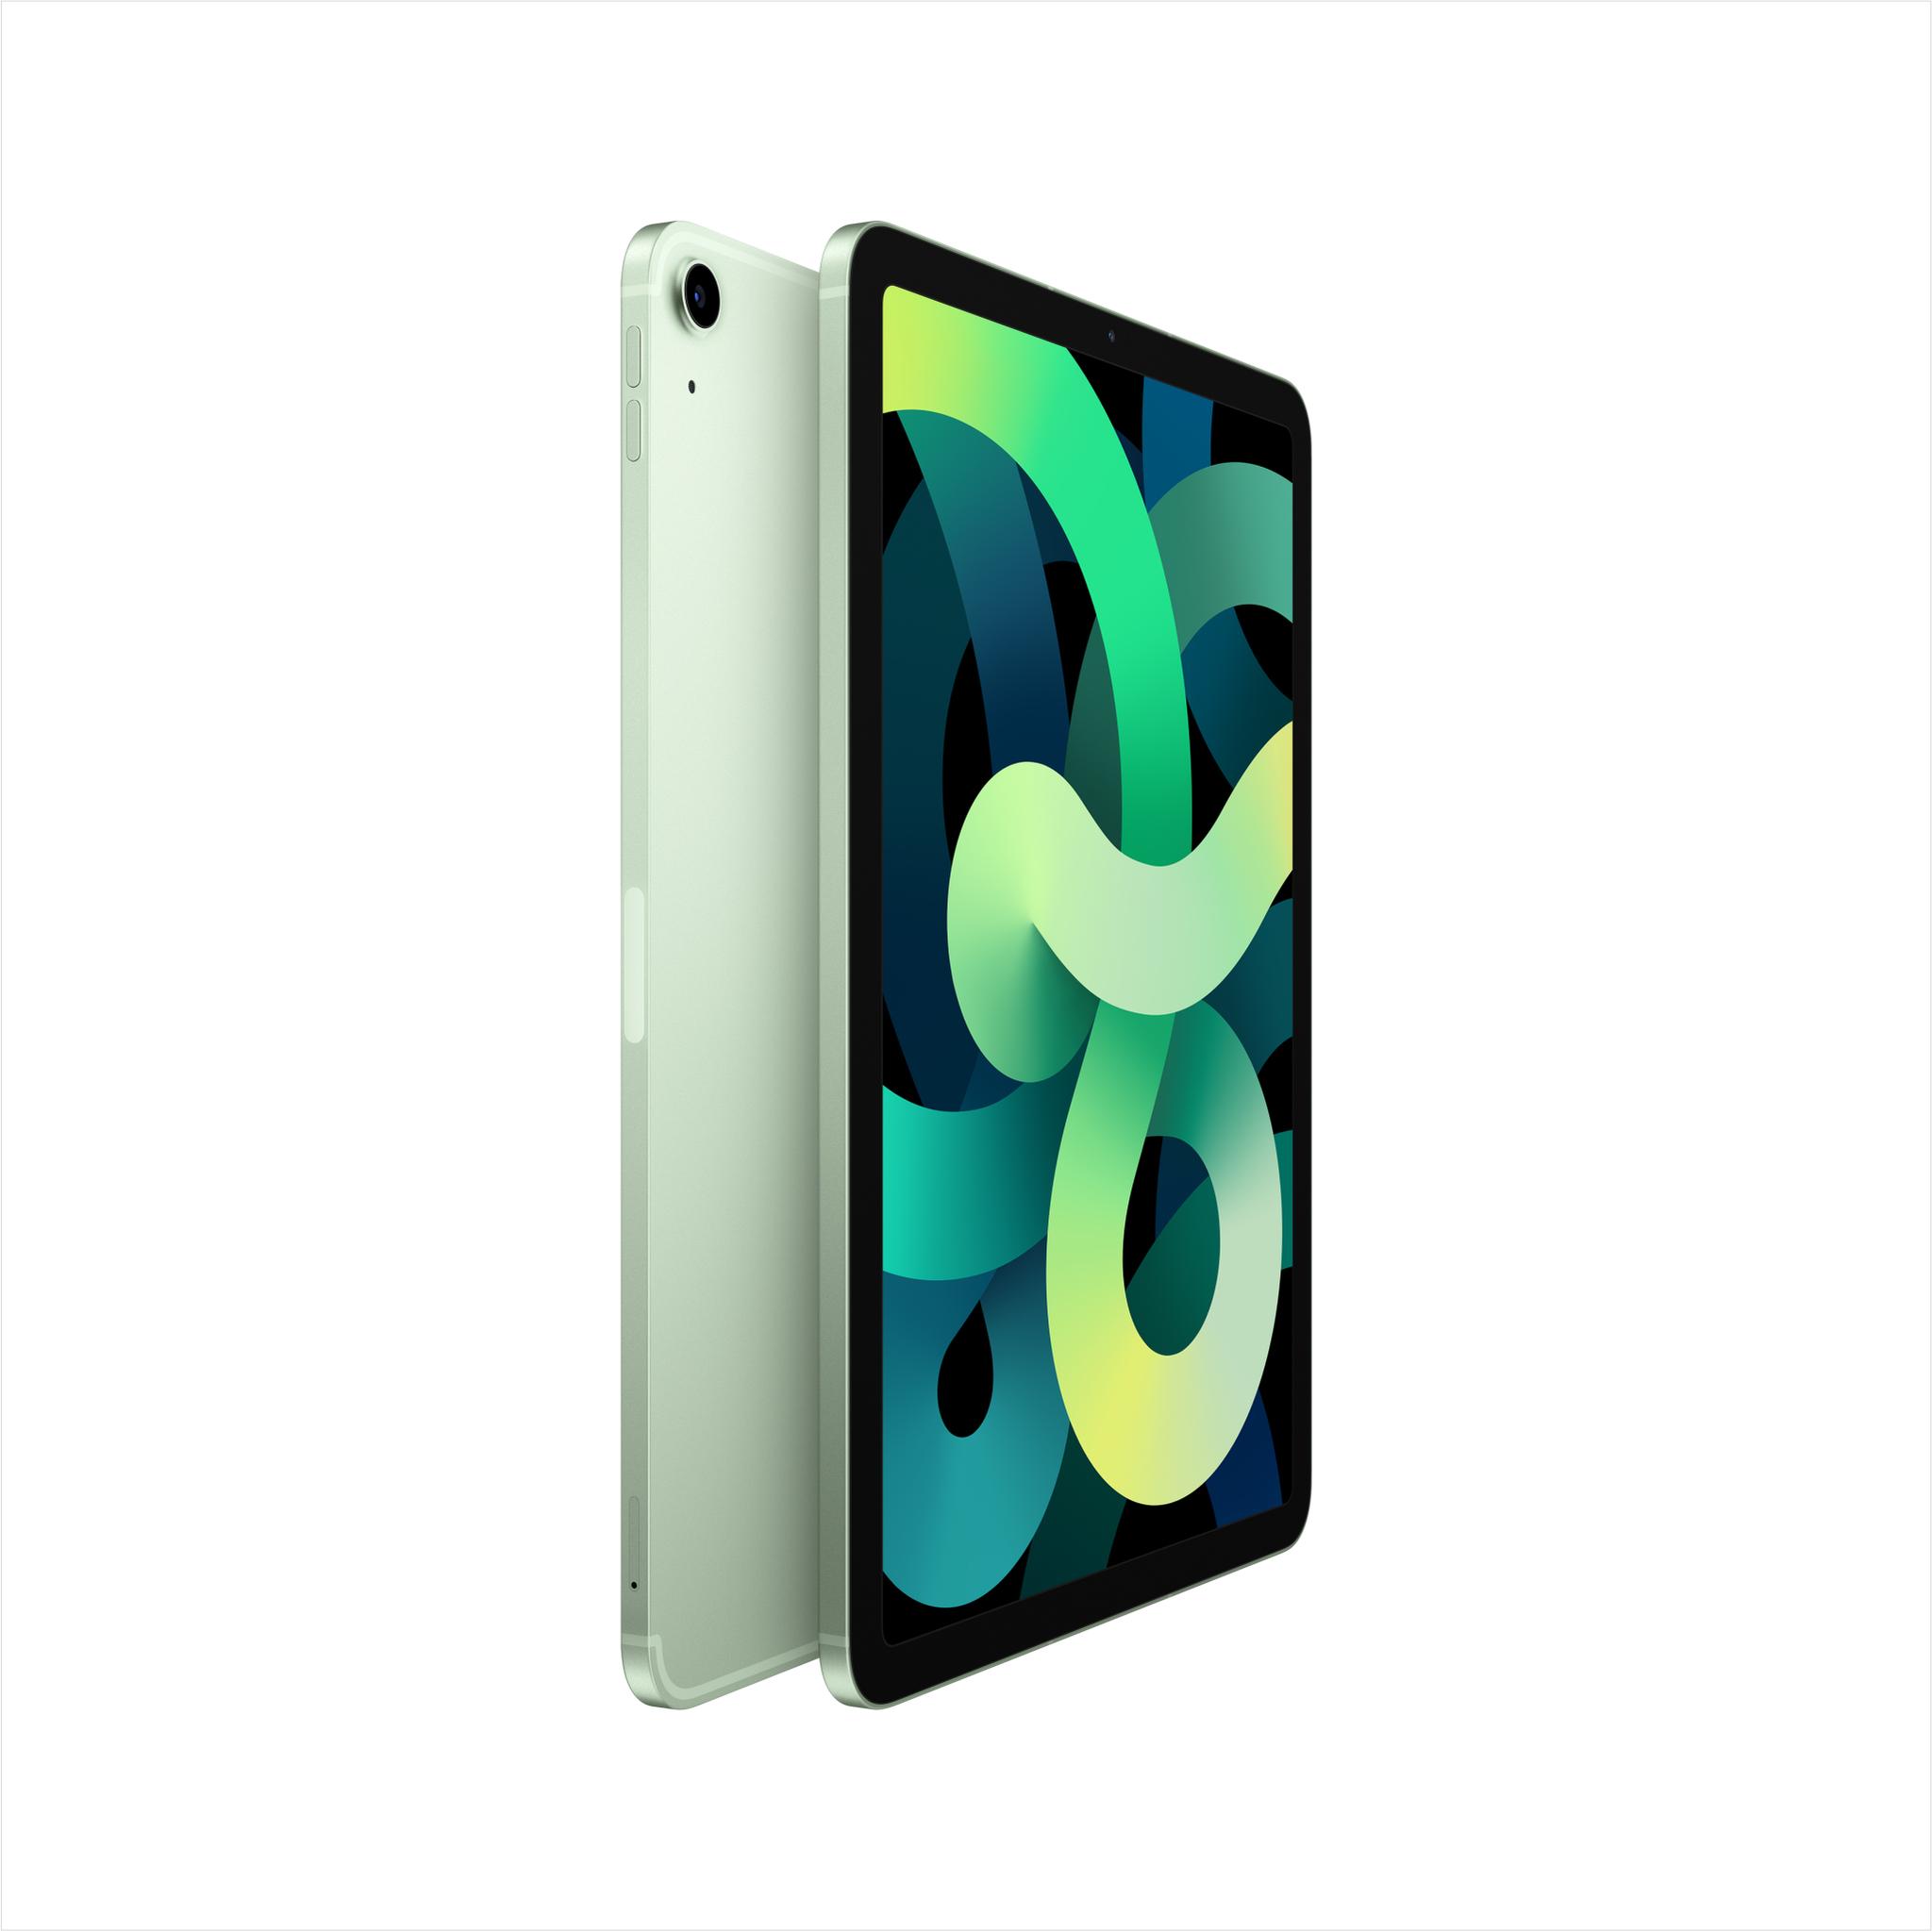 Apple 10.9-inch iPad Air 4 Wi-Fi 64GB - Green MYFR2AB/A